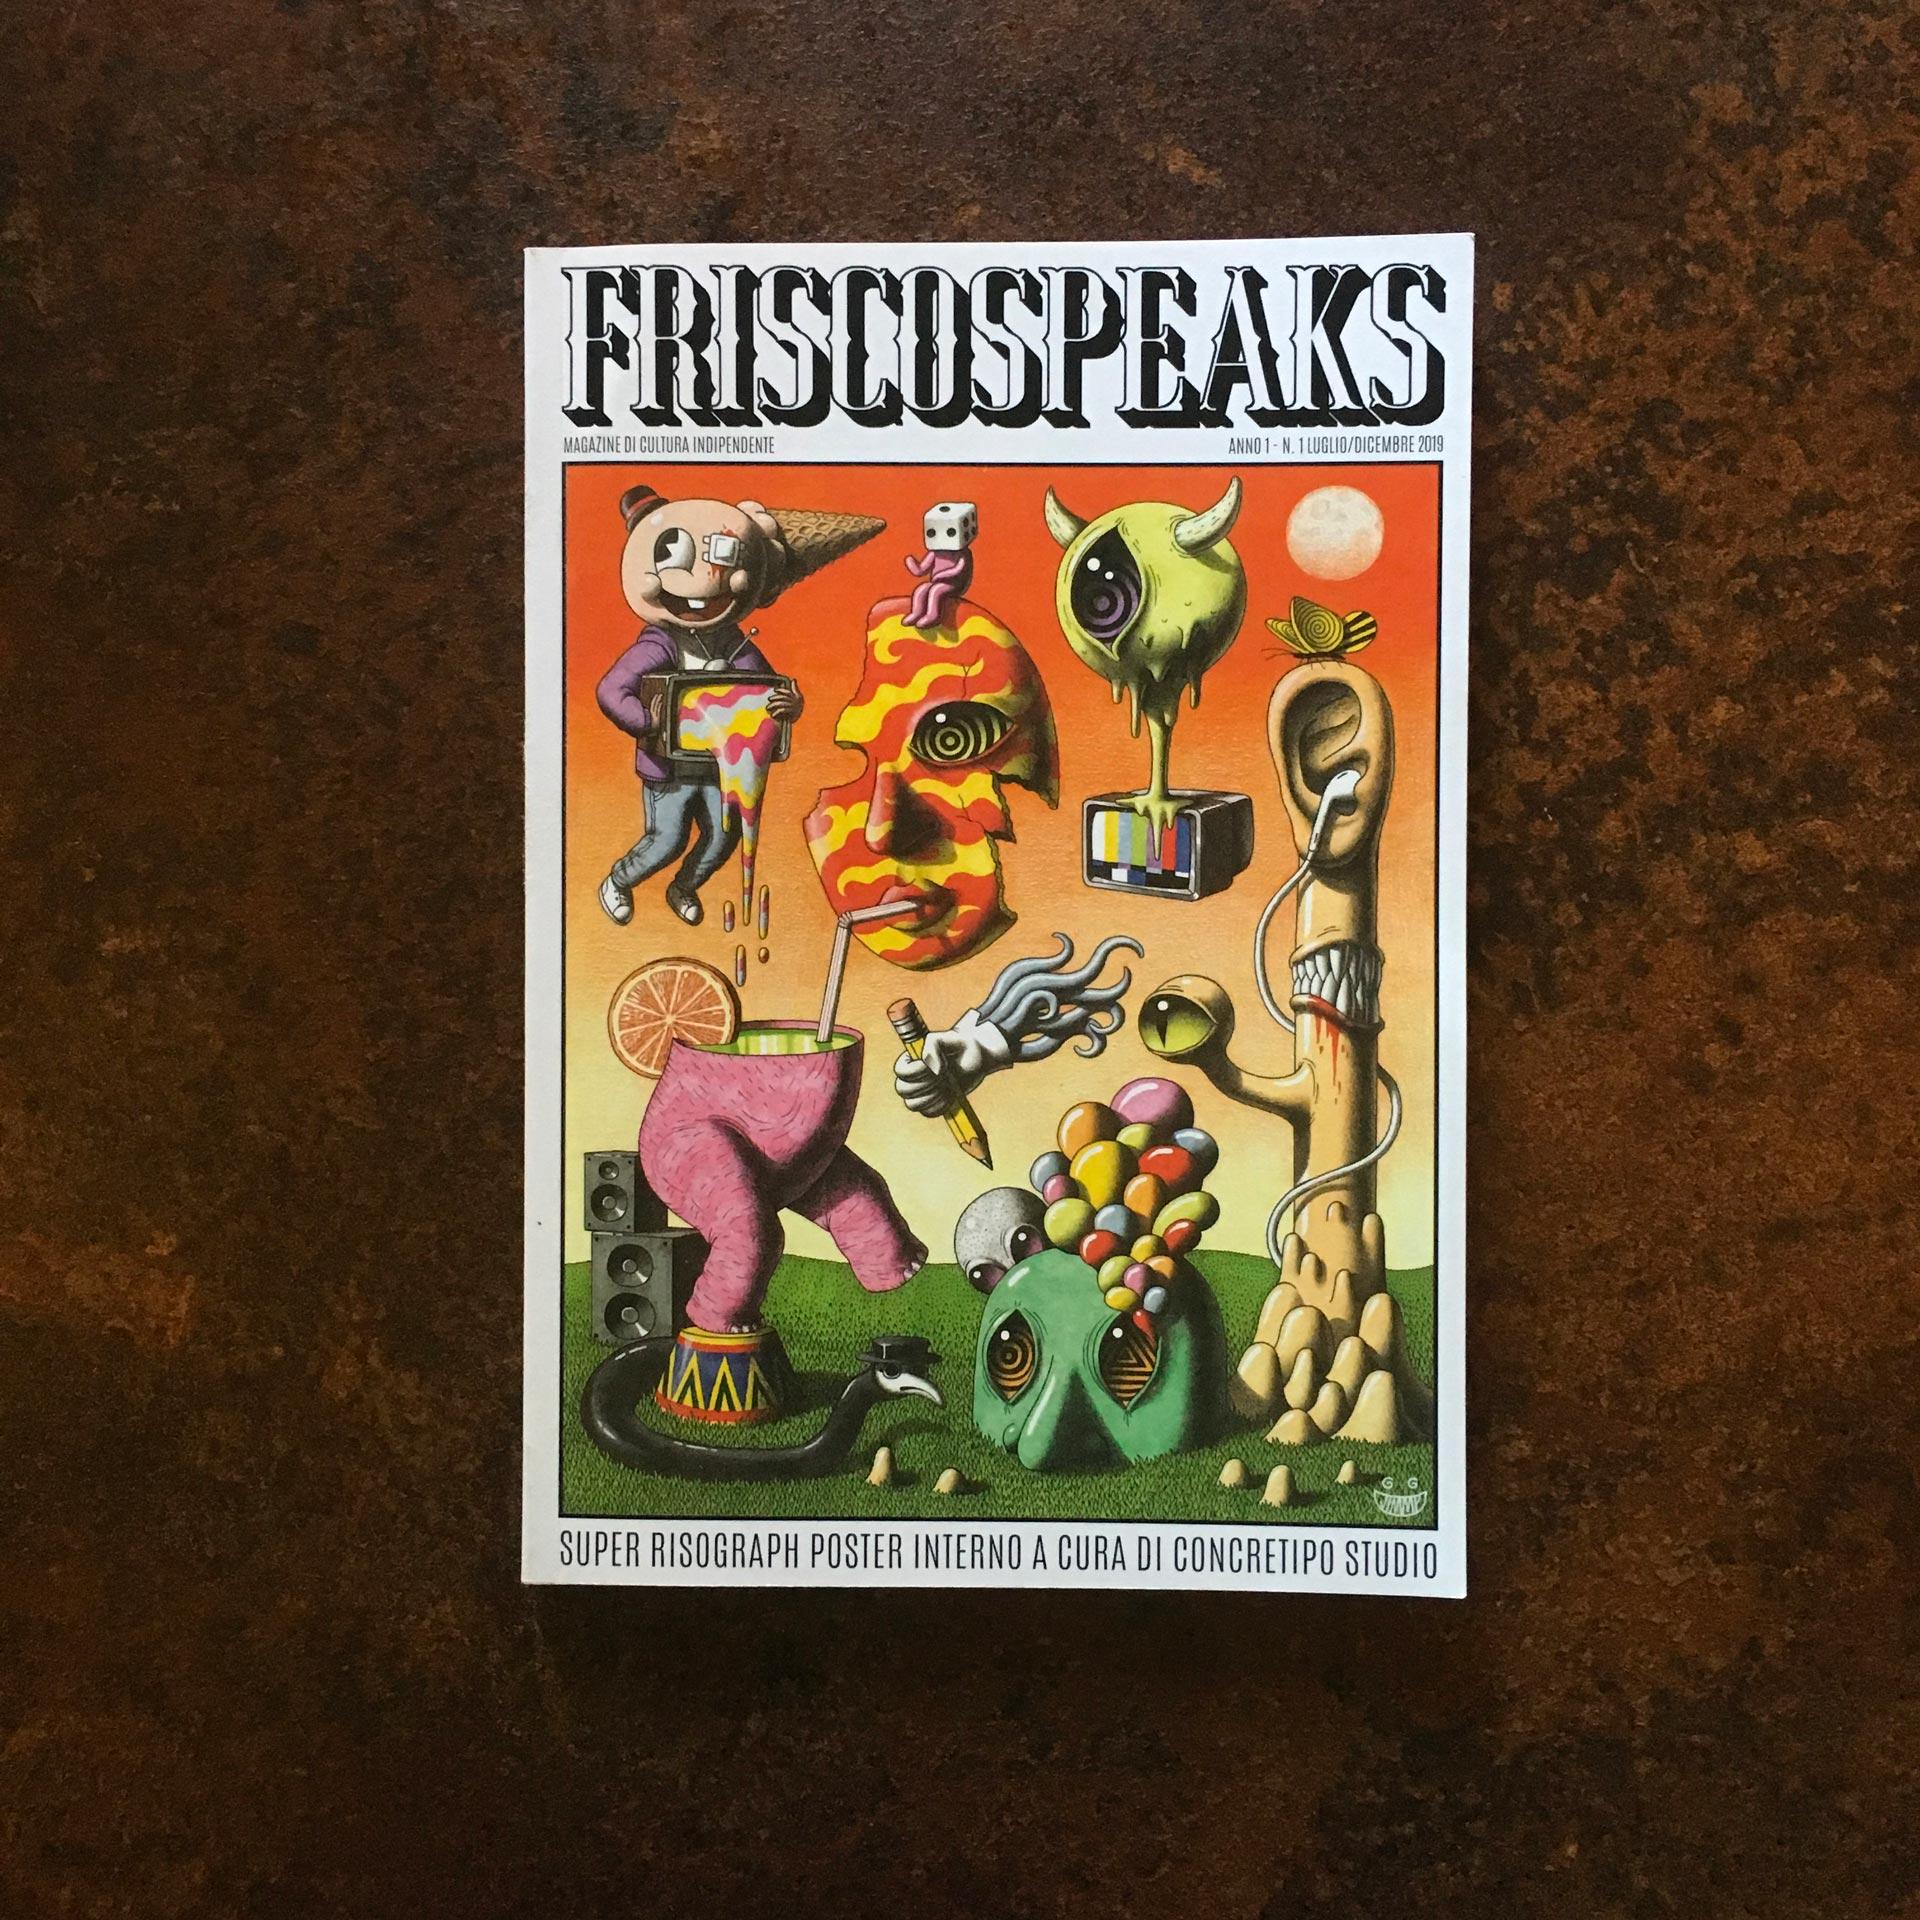 Presentation of Friscospeaks